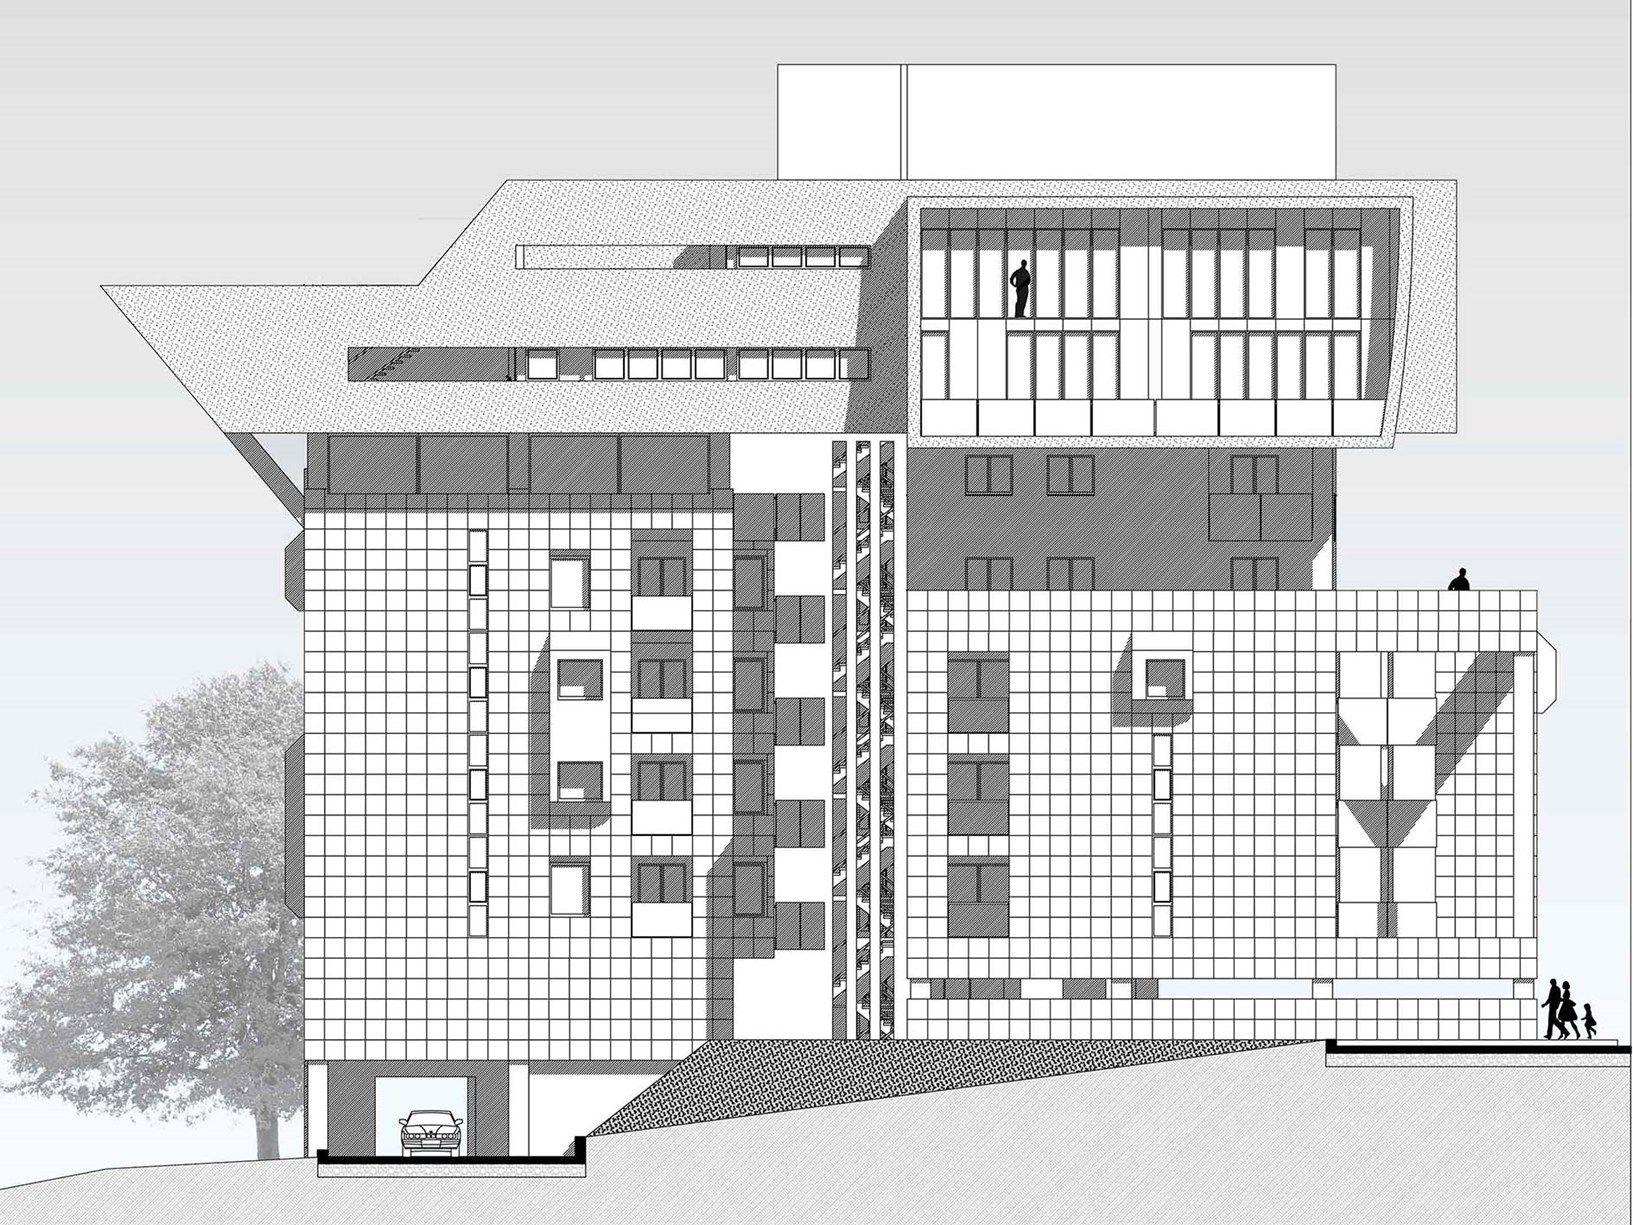 Lavorare In Qatar Architetto malara architetti: controllo e gestione completa del